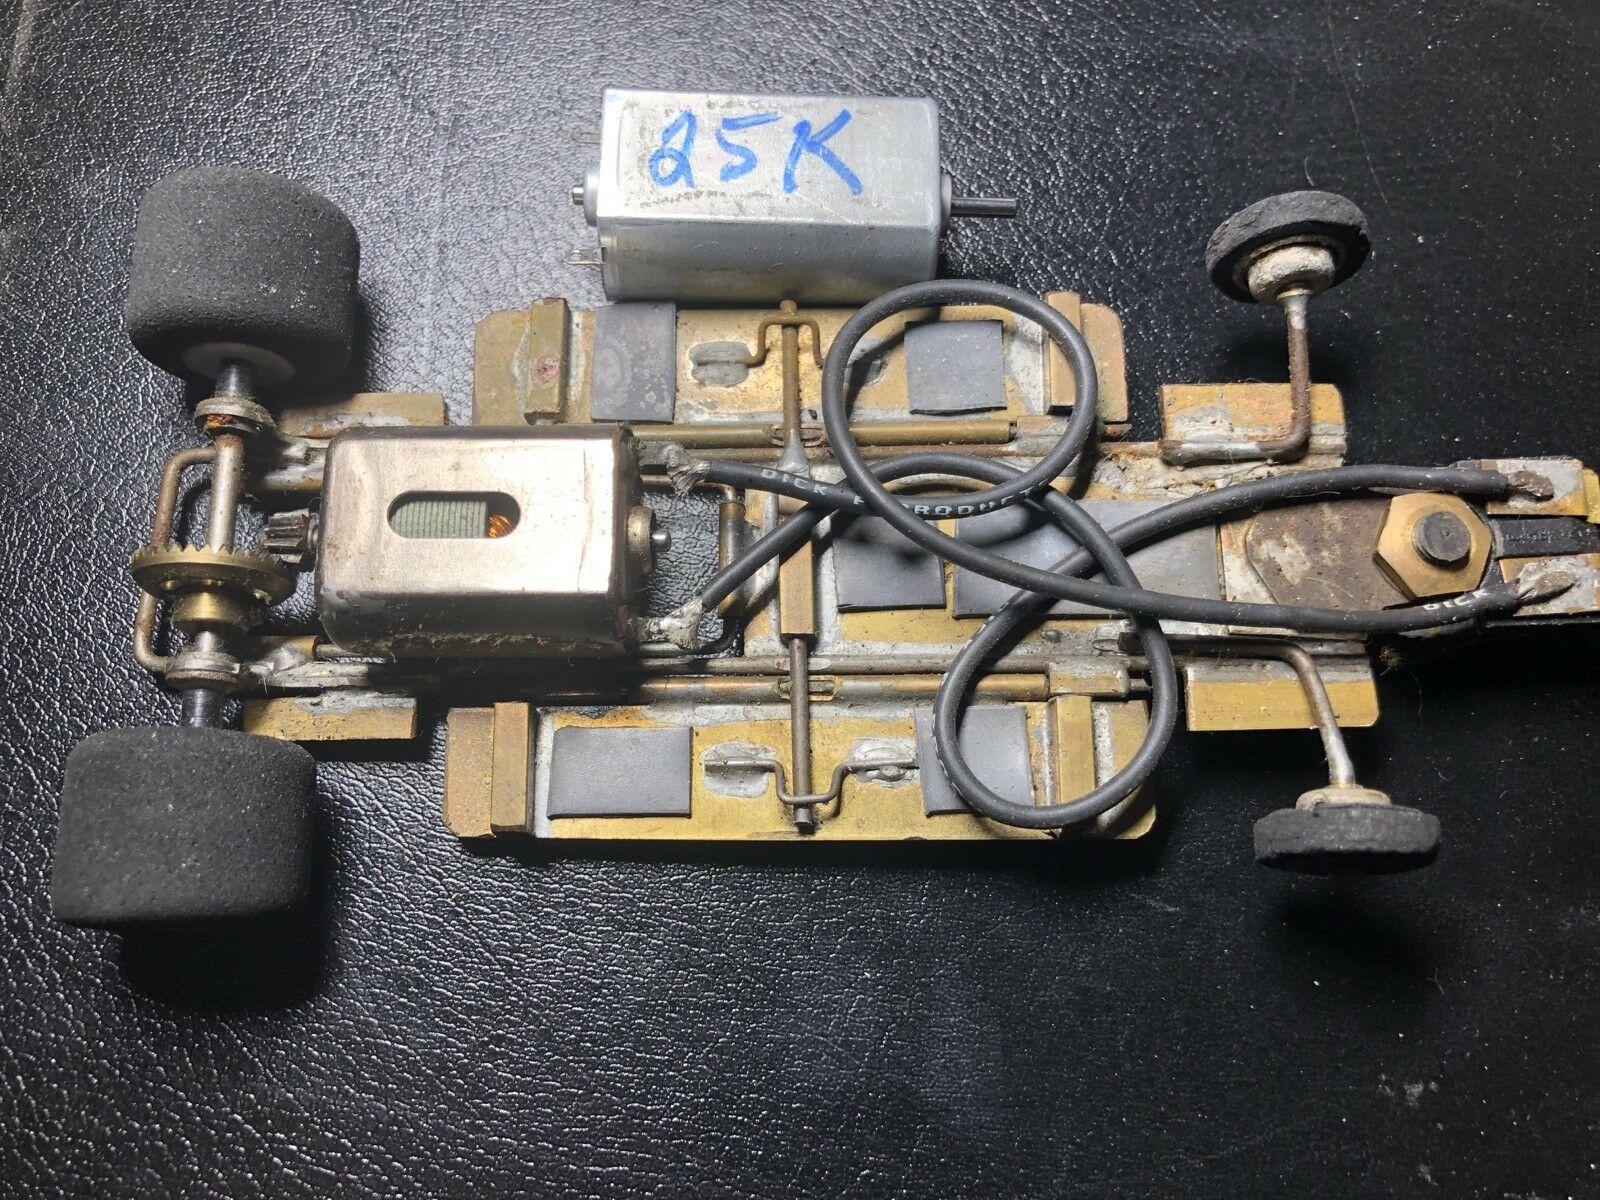 NH 1-32 F1(B).jpg